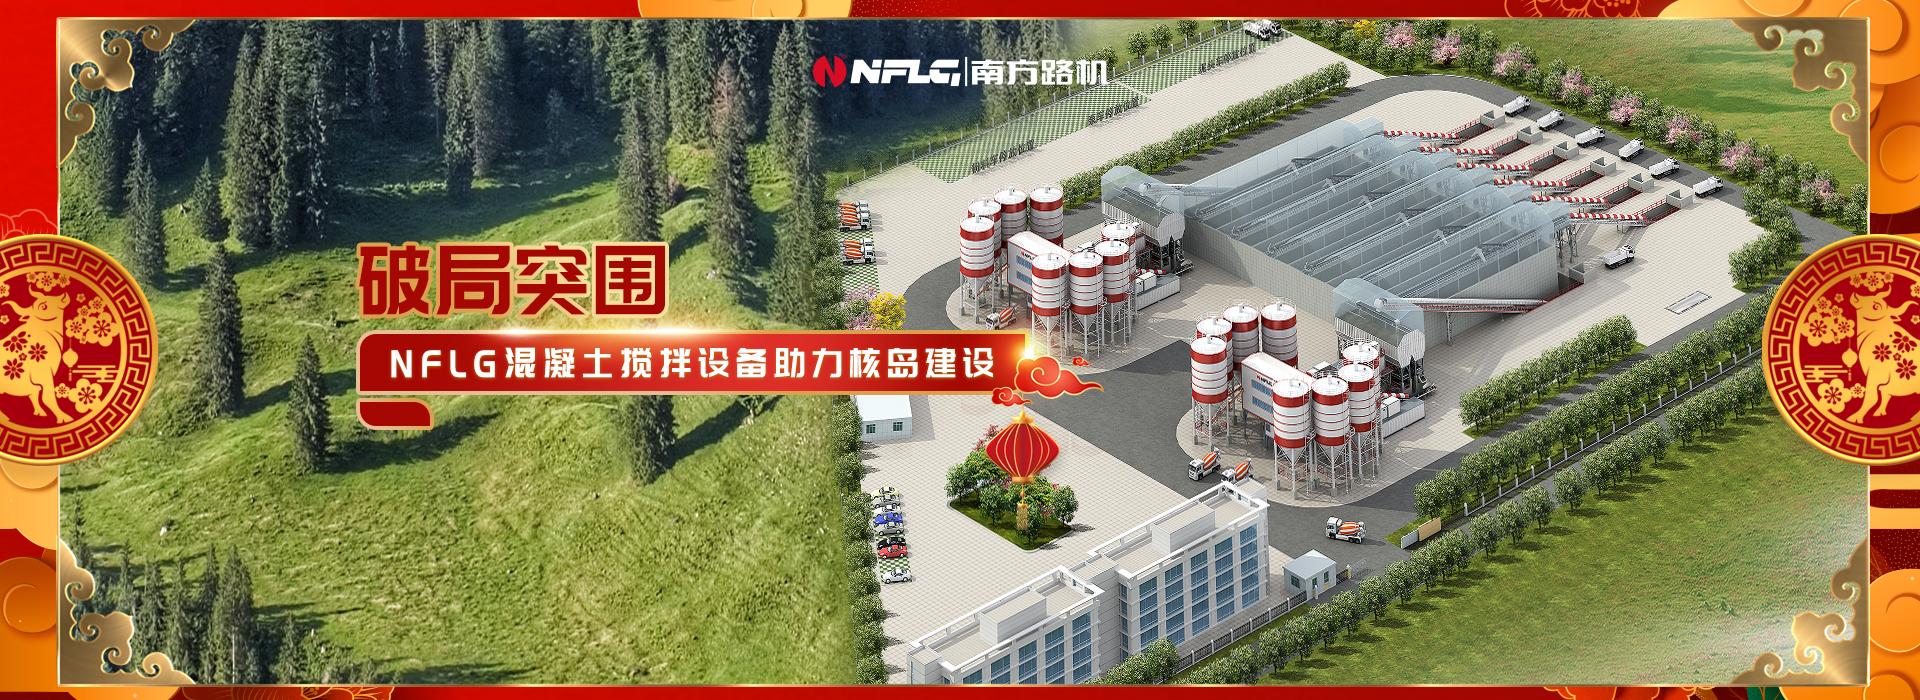 商品混凝土助力核島建設